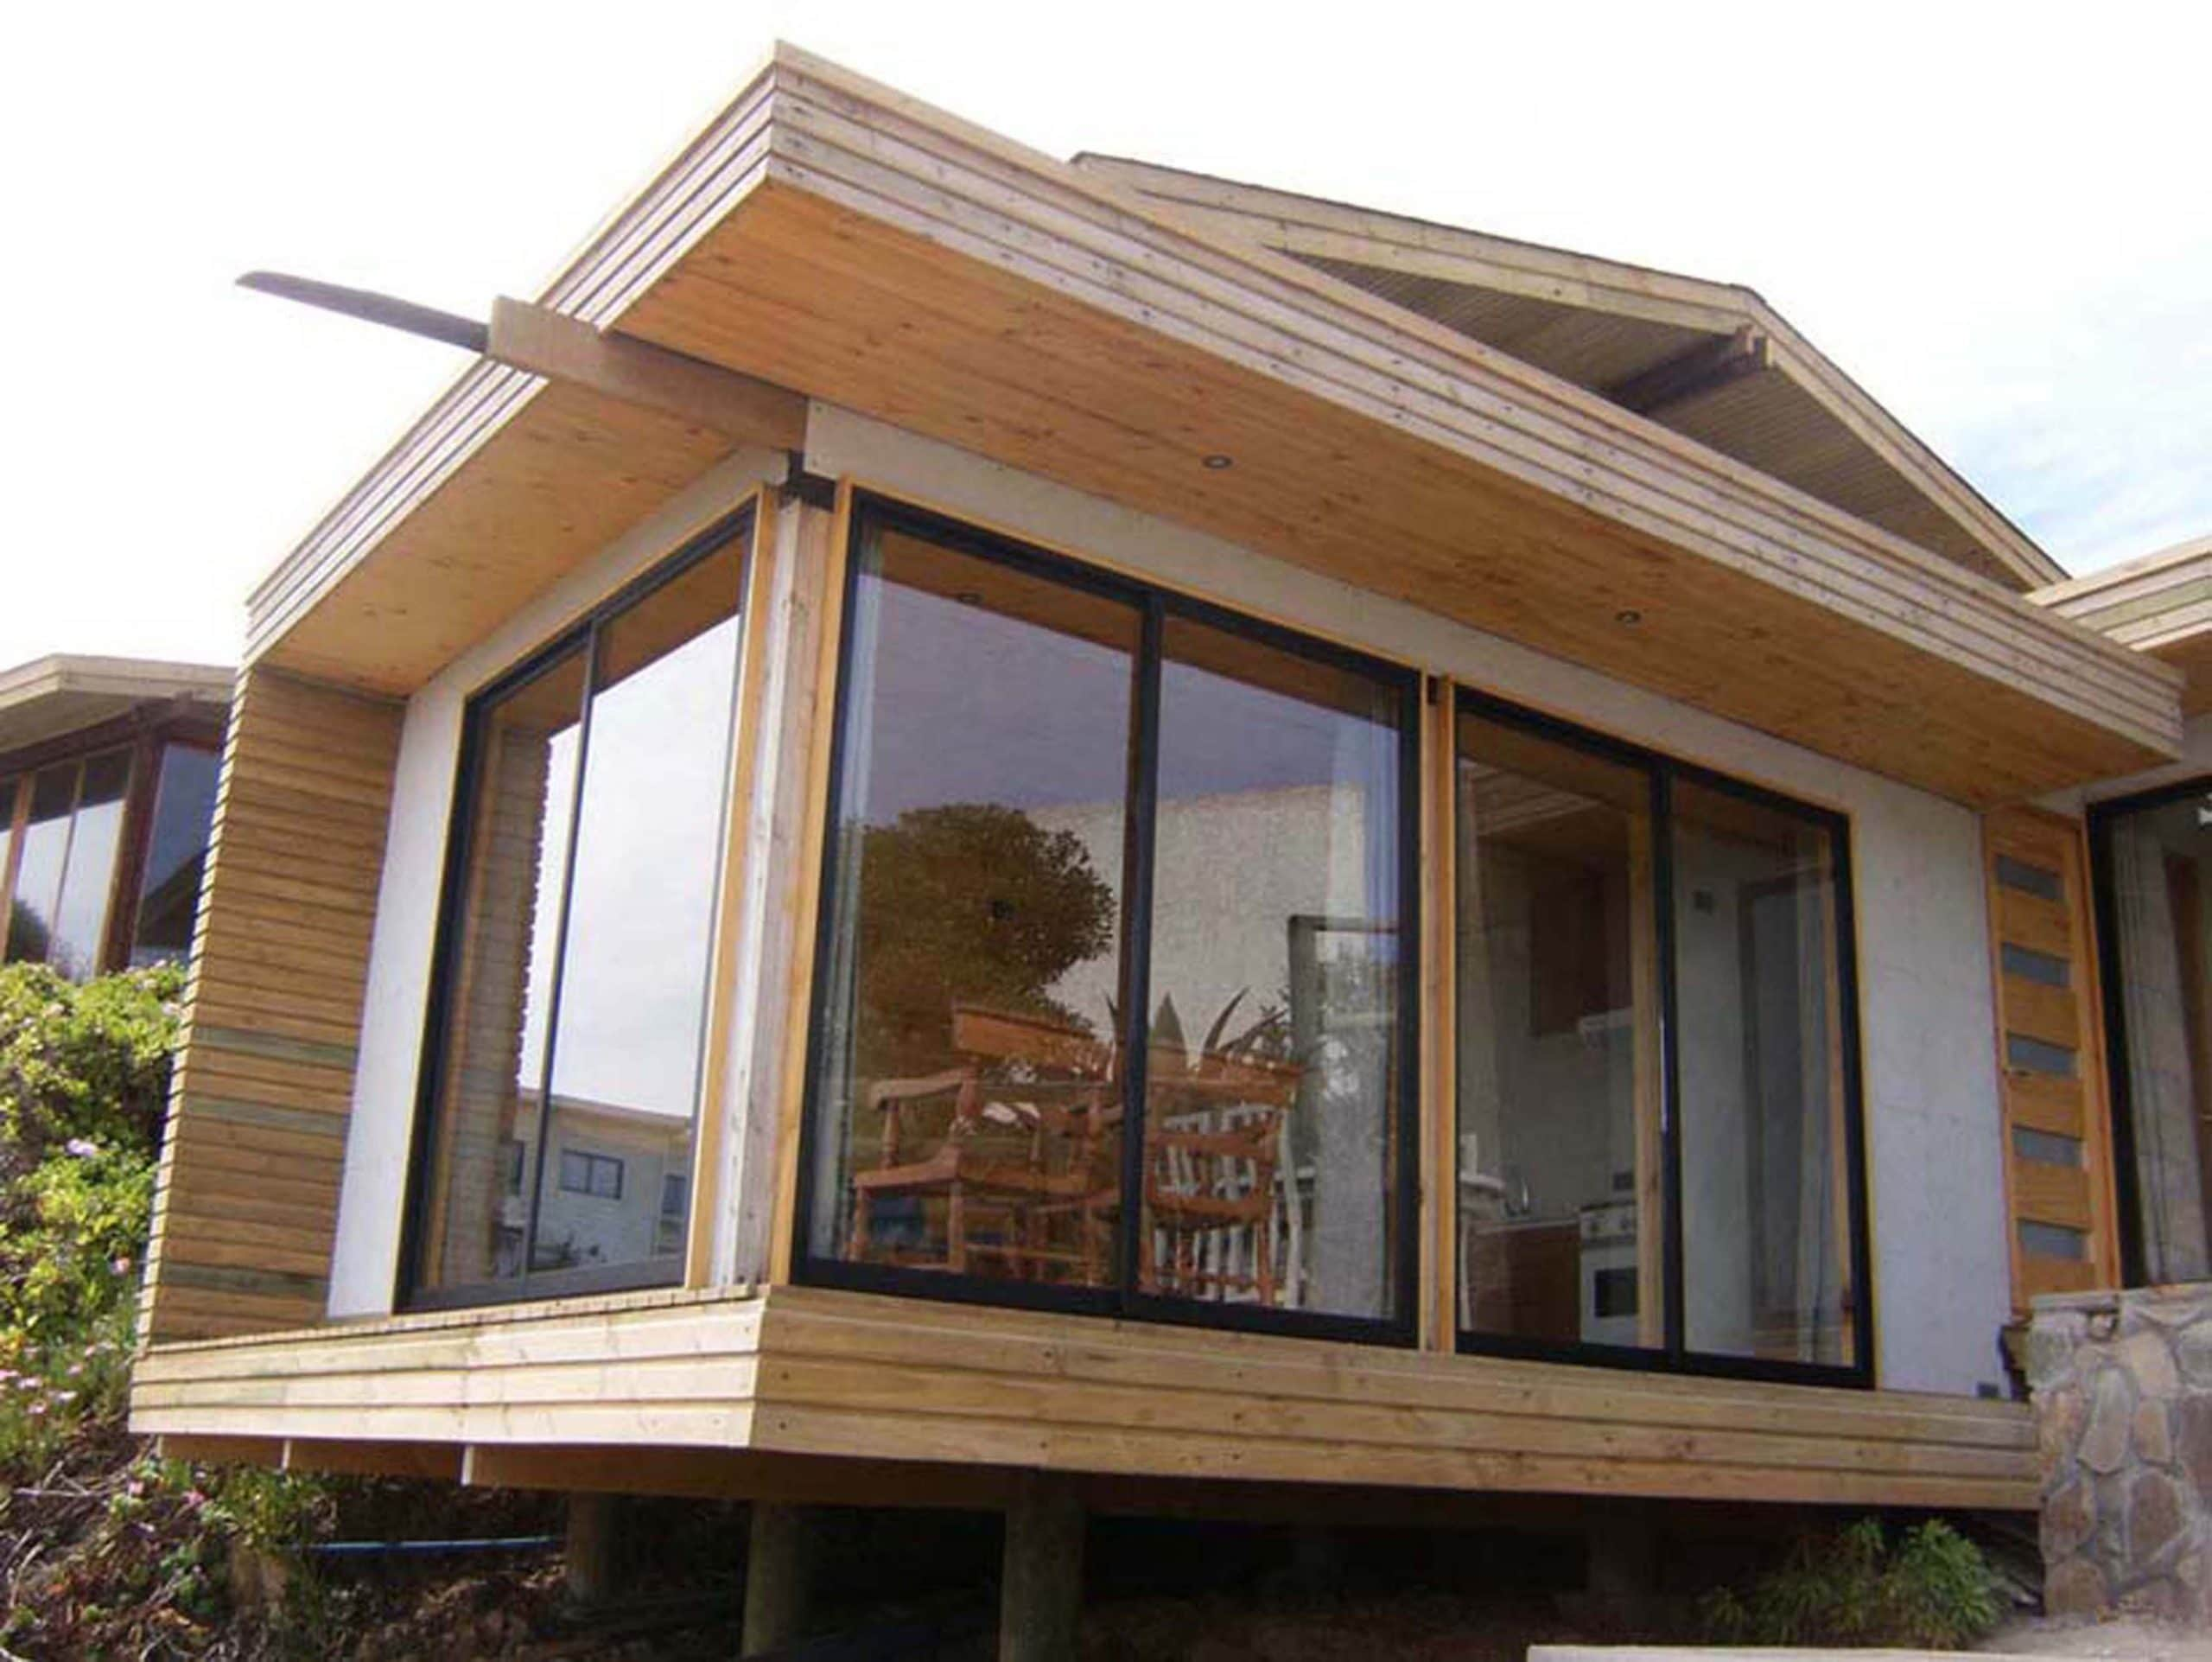 Casas prefabricadas tipo container la 28 images casas - Casas de maderas prefabricadas ...